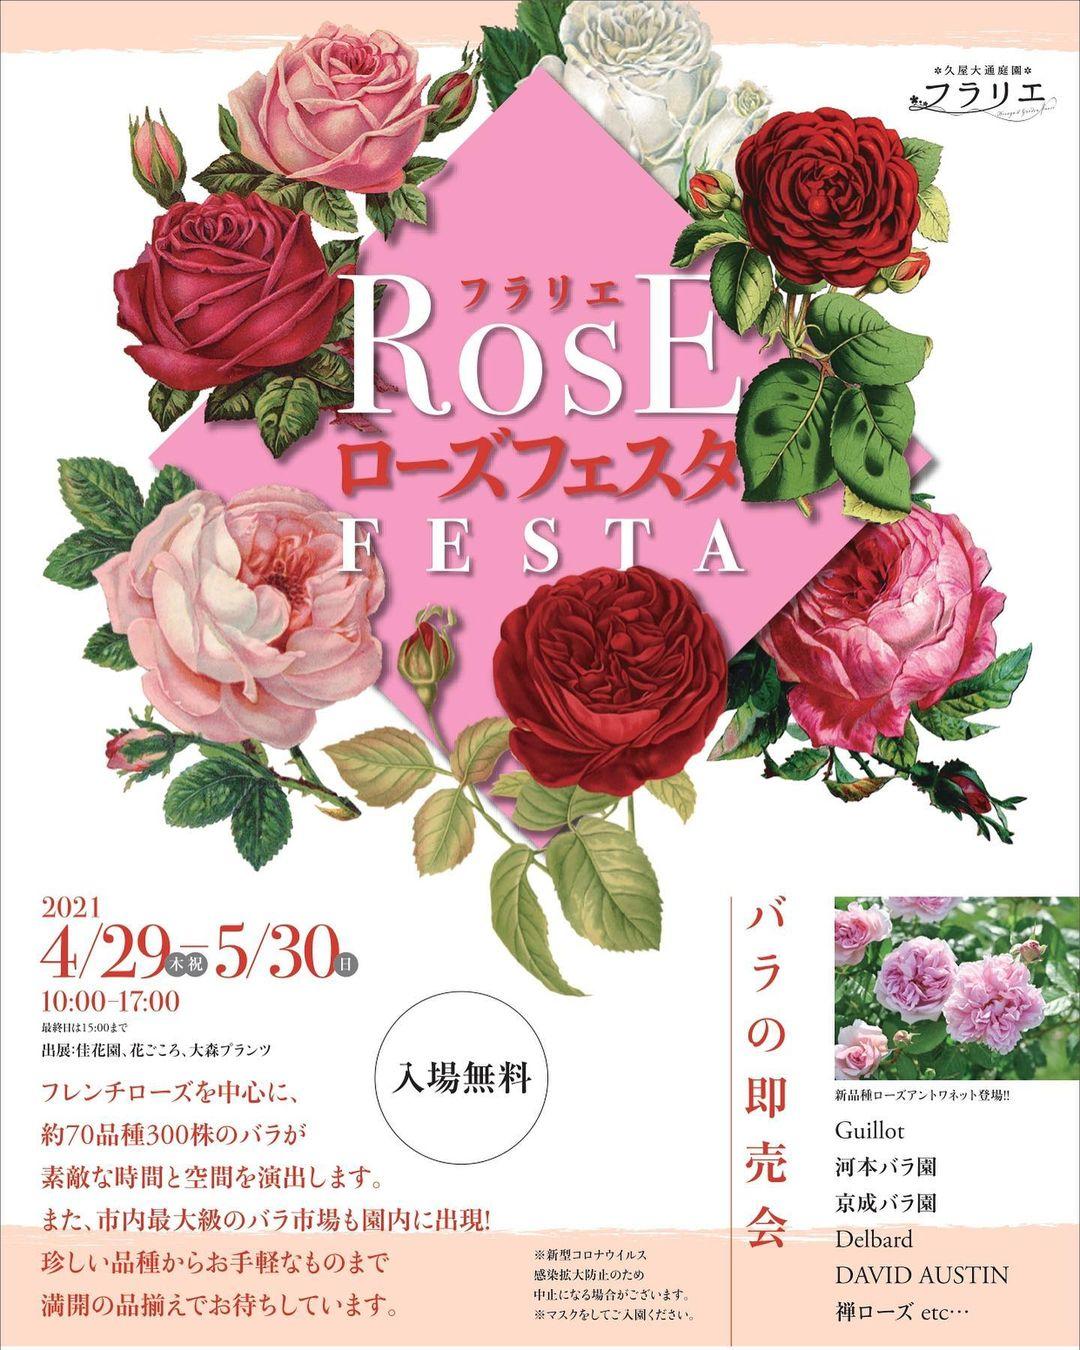 04/29~5/30 フラリエ♪『ローズ・フェスタ 』♪